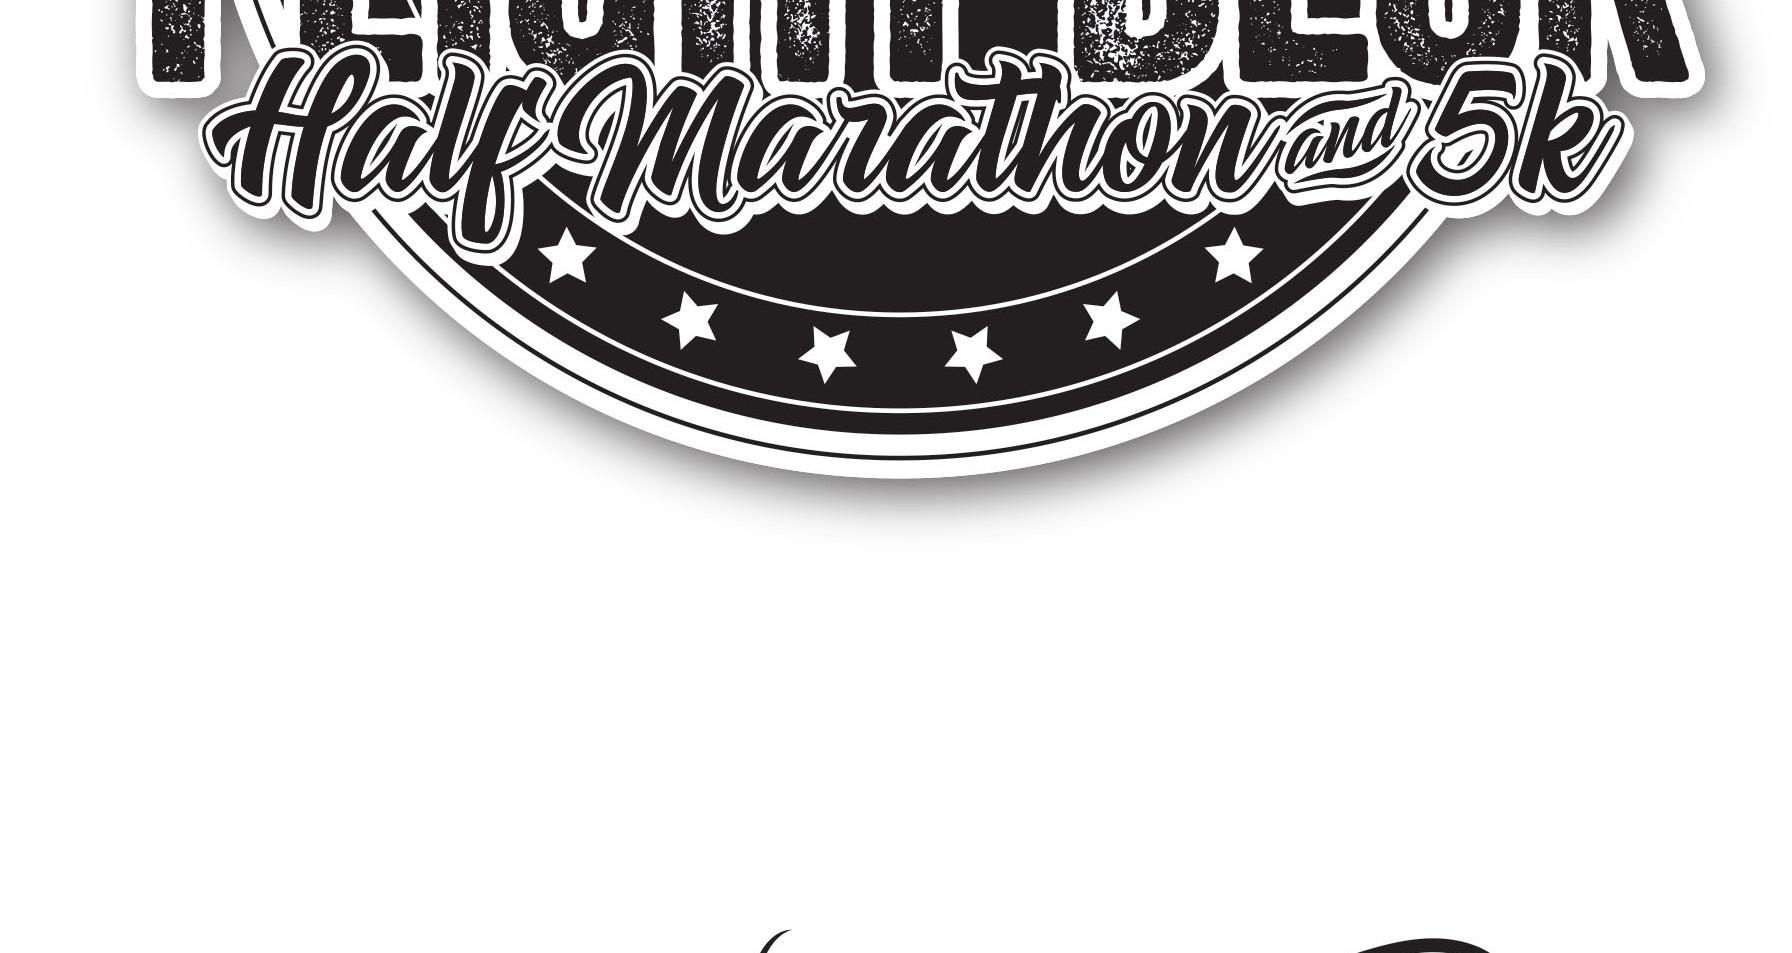 Flight Deck Half Marathon and 5K - 1